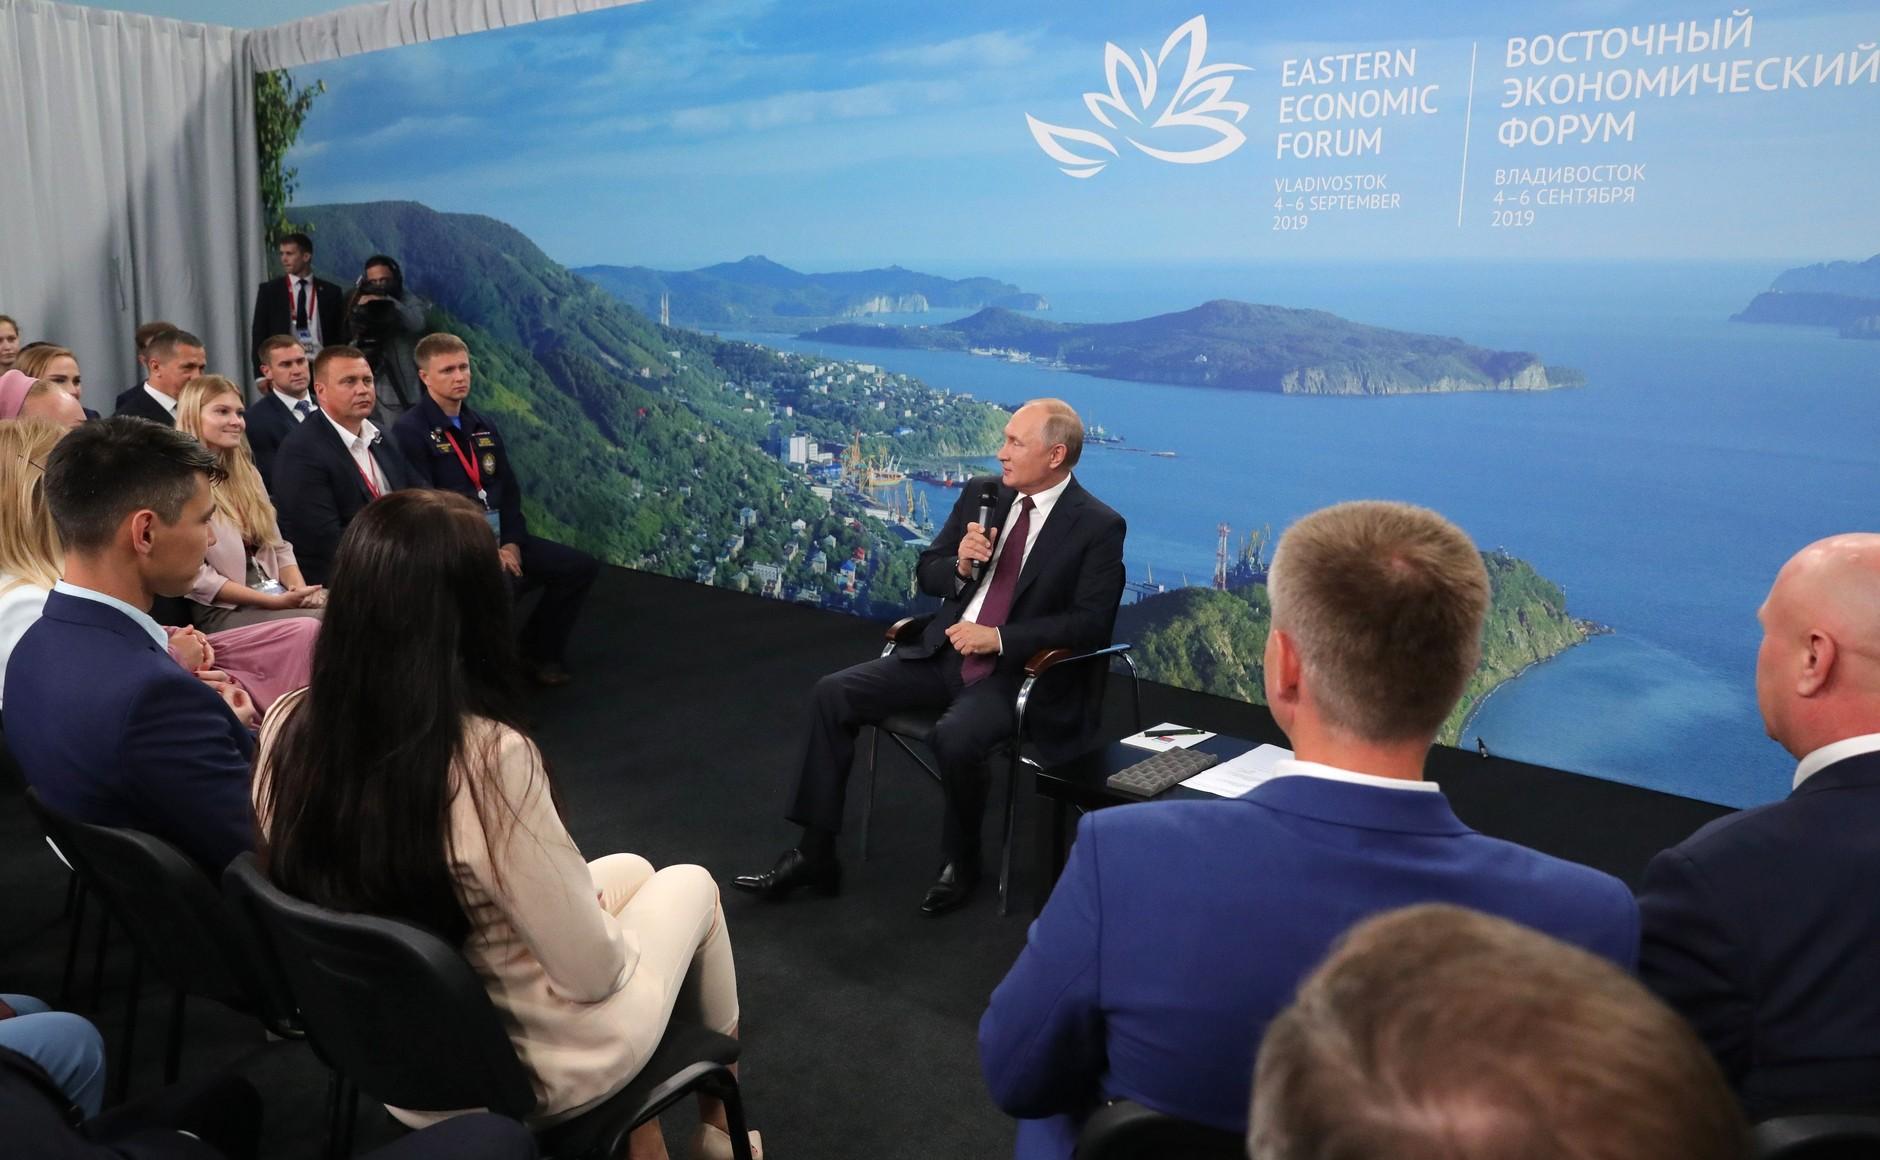 Путин призвал наращивать конкурентные преимущества России в космической сфере и предлагать технологии завтрашнего дня